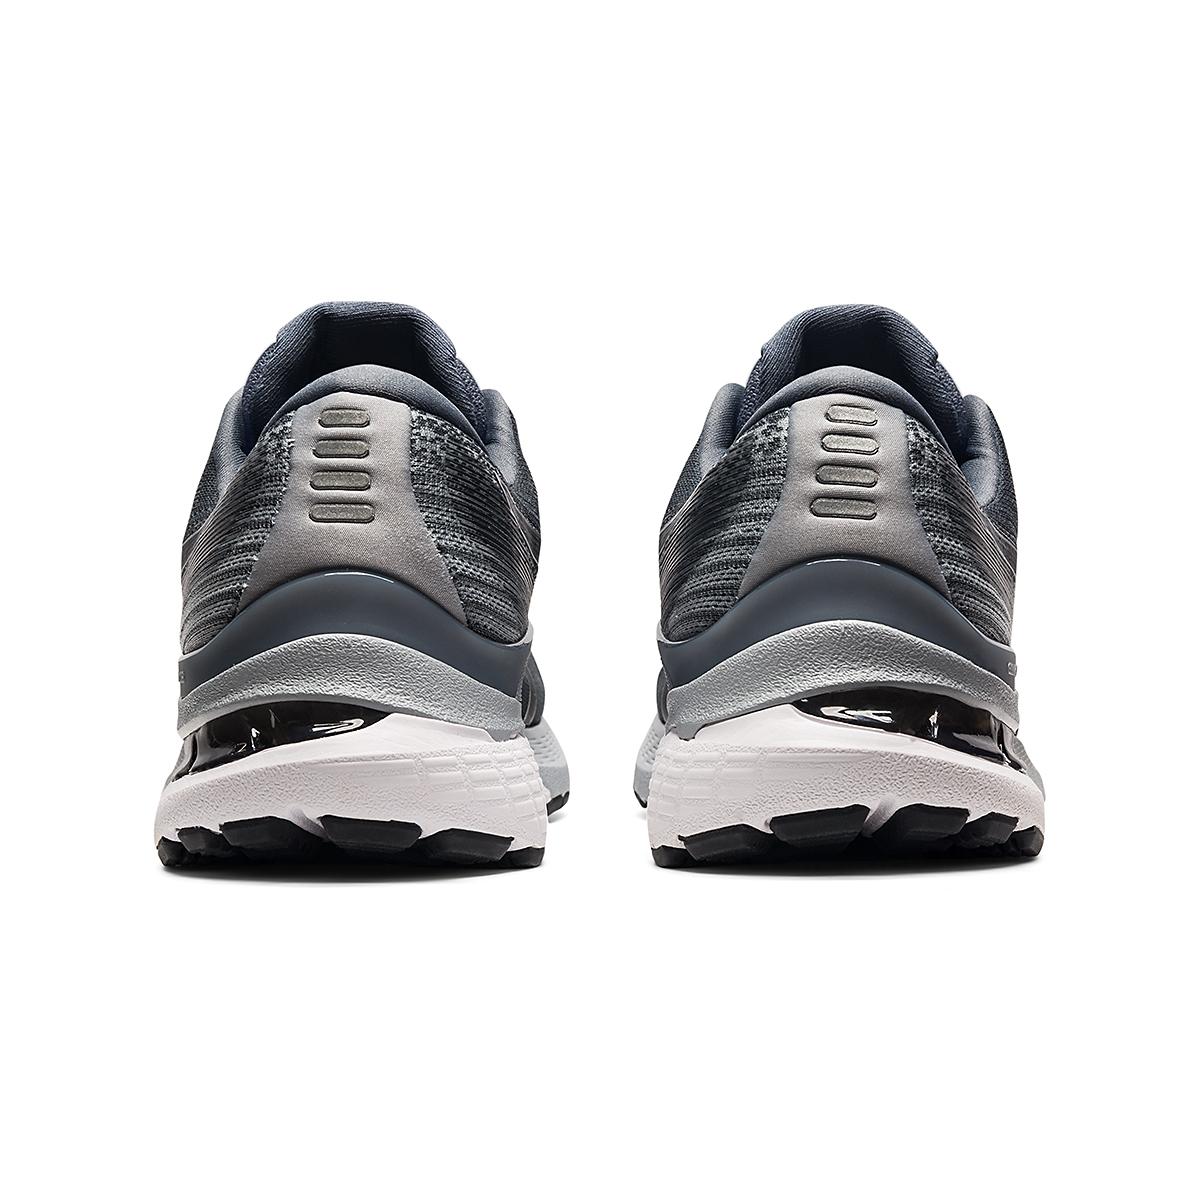 Men's Asics Gel-Kayano 28 Running Shoe - Color: Carrier Grey/Black - Size: 7 - Width: Wide, Carrier Grey/Black, large, image 6